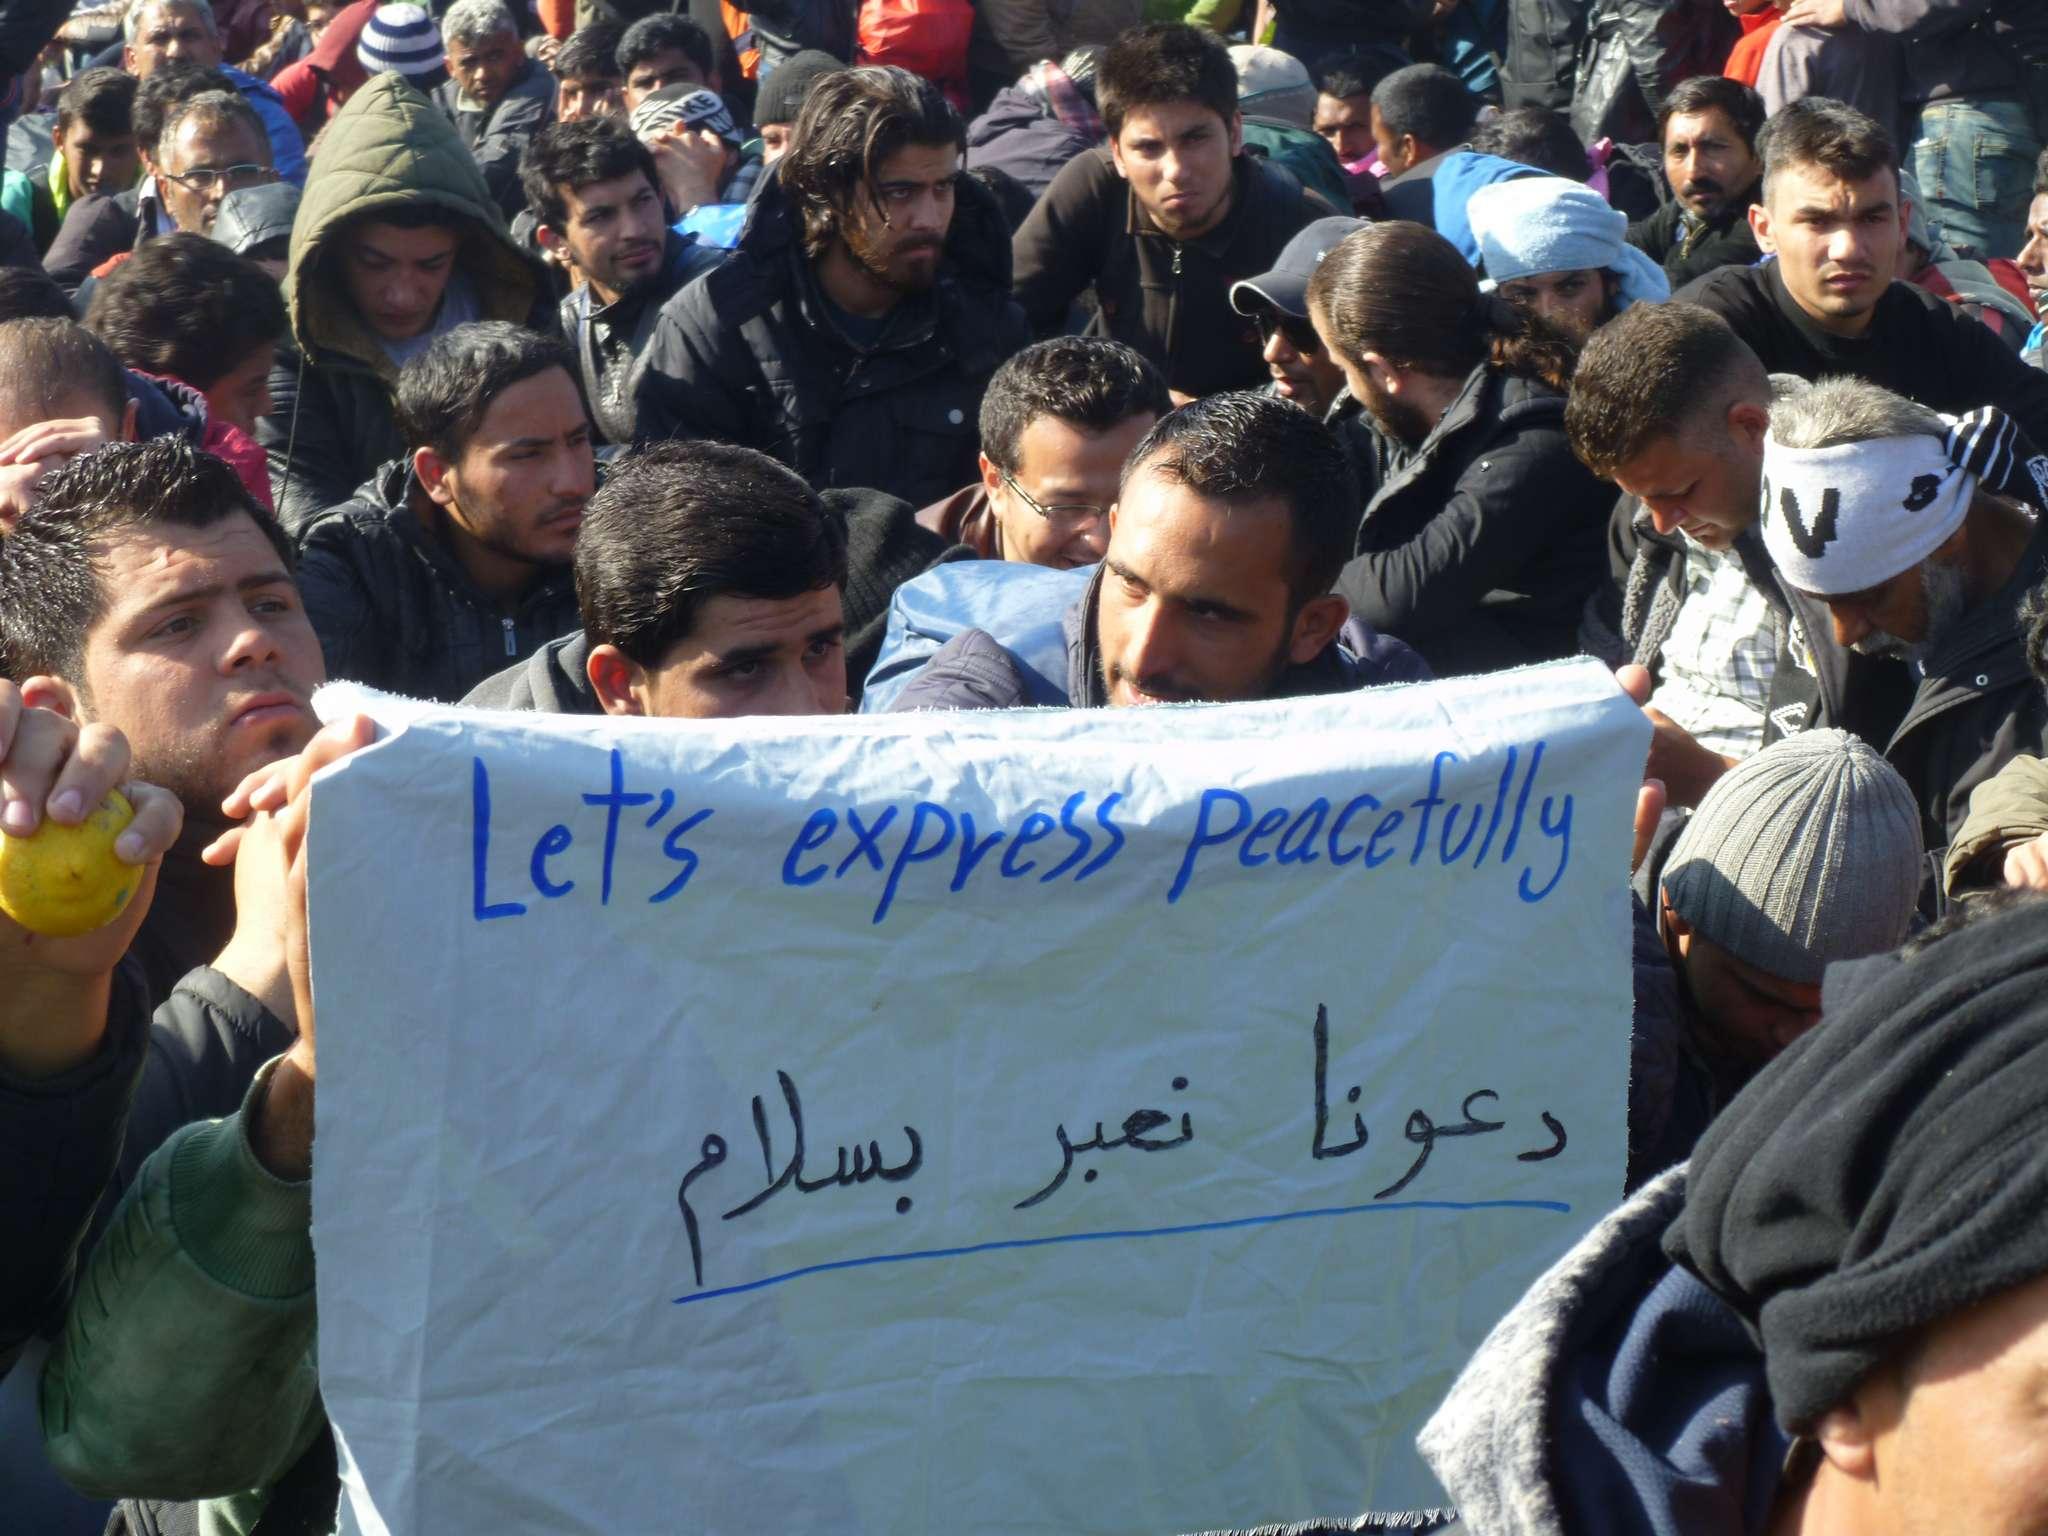 refugiados-denuncia-social-p1040503